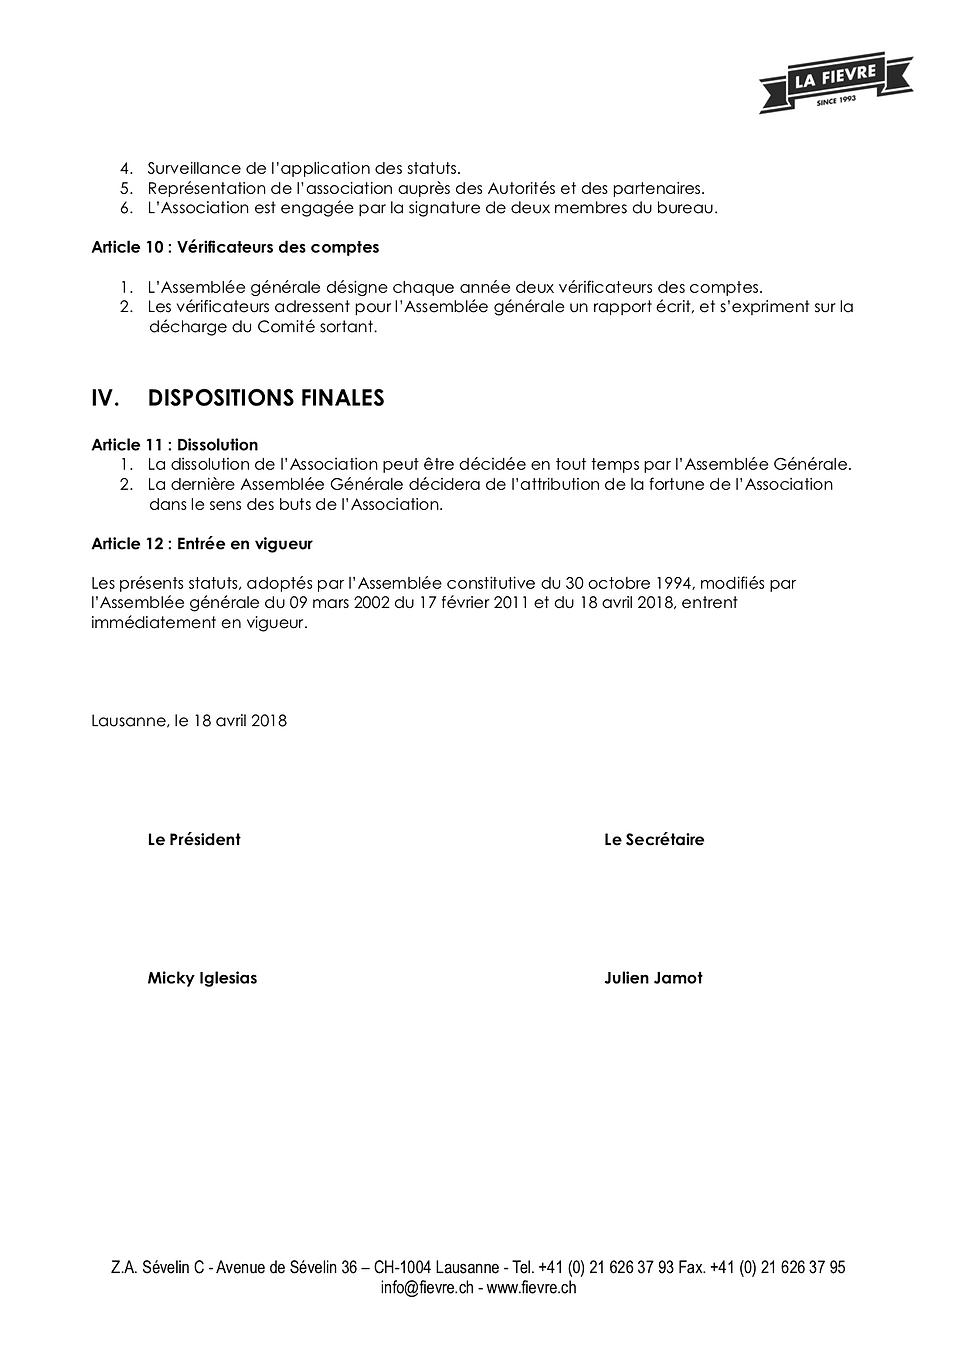 Status La Fièvre 2018 (glissé(e)s).png